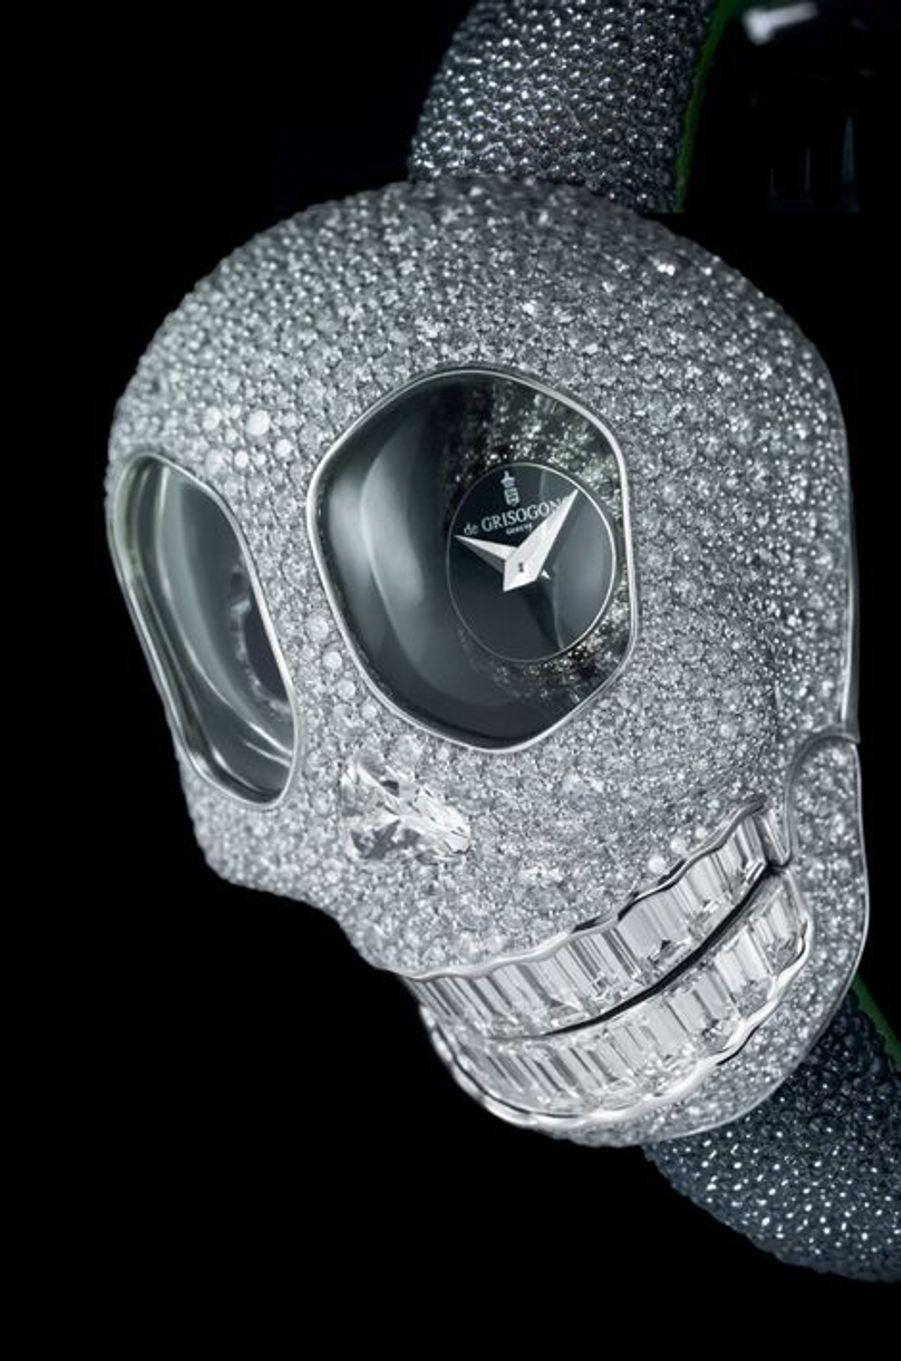 Une tête de mort en trois dimensions avec des yeux en guise de cadrans qui affichent l'heure dans deux fuseaux horaires. Boîte en or gris sertie de diamants, mouvement à quartz. 718 000 €. DE GRISOGONOLes crânes bien faits envahissent les cadrans. Mortel !Allant de pair avec le thème desvanités, qui évoque à la fois la vie humaine et son caractère éphémère, la tête de mort apparaît dèsl'Antiquité. Mais c'est aux prémices du XVIIe siècle que le phénomène prend toute son ampleur. Non seulement en peinture avec le courant flamand, mais également en horlogerie. L'époque est à la fantaisie ; on ose présenter de drôles de bijoux enrichis de têtes de mort taillées dans l'ivoire, l'or ou l'argent, voire dans des blocs de cristal de roche.A voir aussi:montres d'exception, l'entrée des artistesDe là à en faire des montres, il n'y avait qu'un pas qui a été facilement franchi. Certaines grandes dames acceptent alors de les porter suspendues par une chaînette, en broche, à la ceinture… Plus tendance que jamais sur la planète mode, l'industrie horlogère pourrait bien aussi en faire un nouveau classique.Hervé Borne